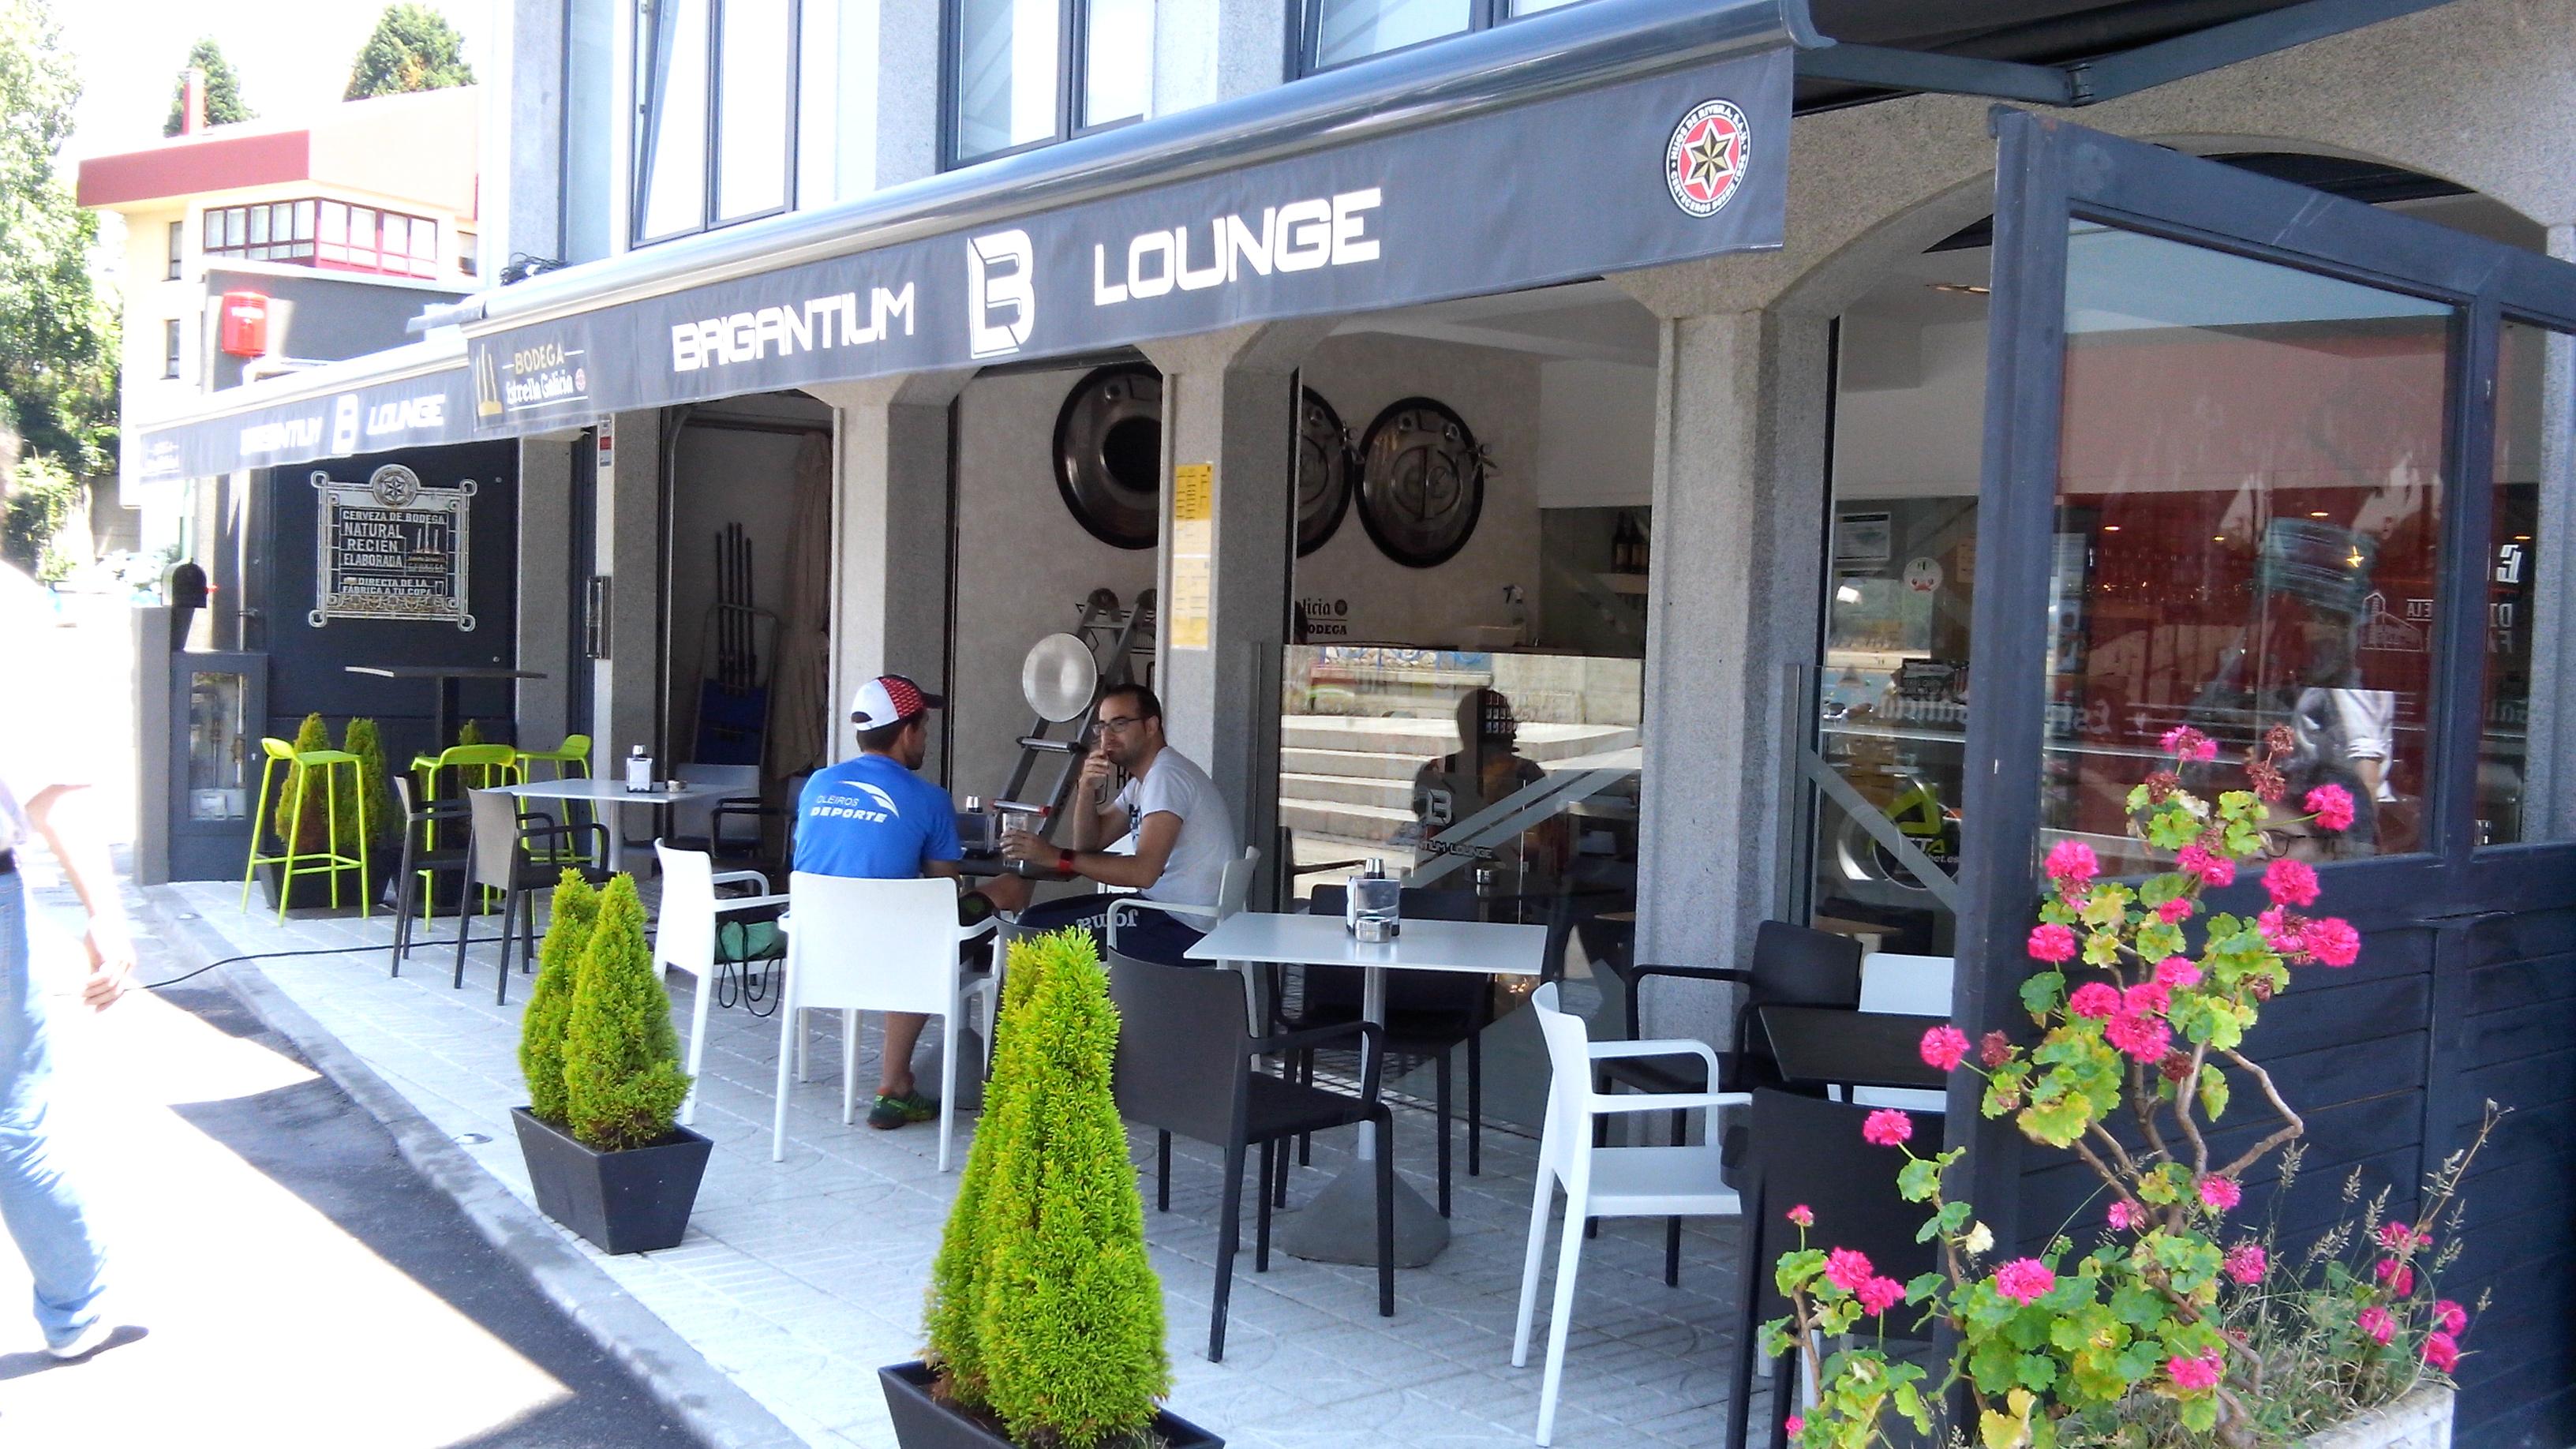 Brigantium Lounge